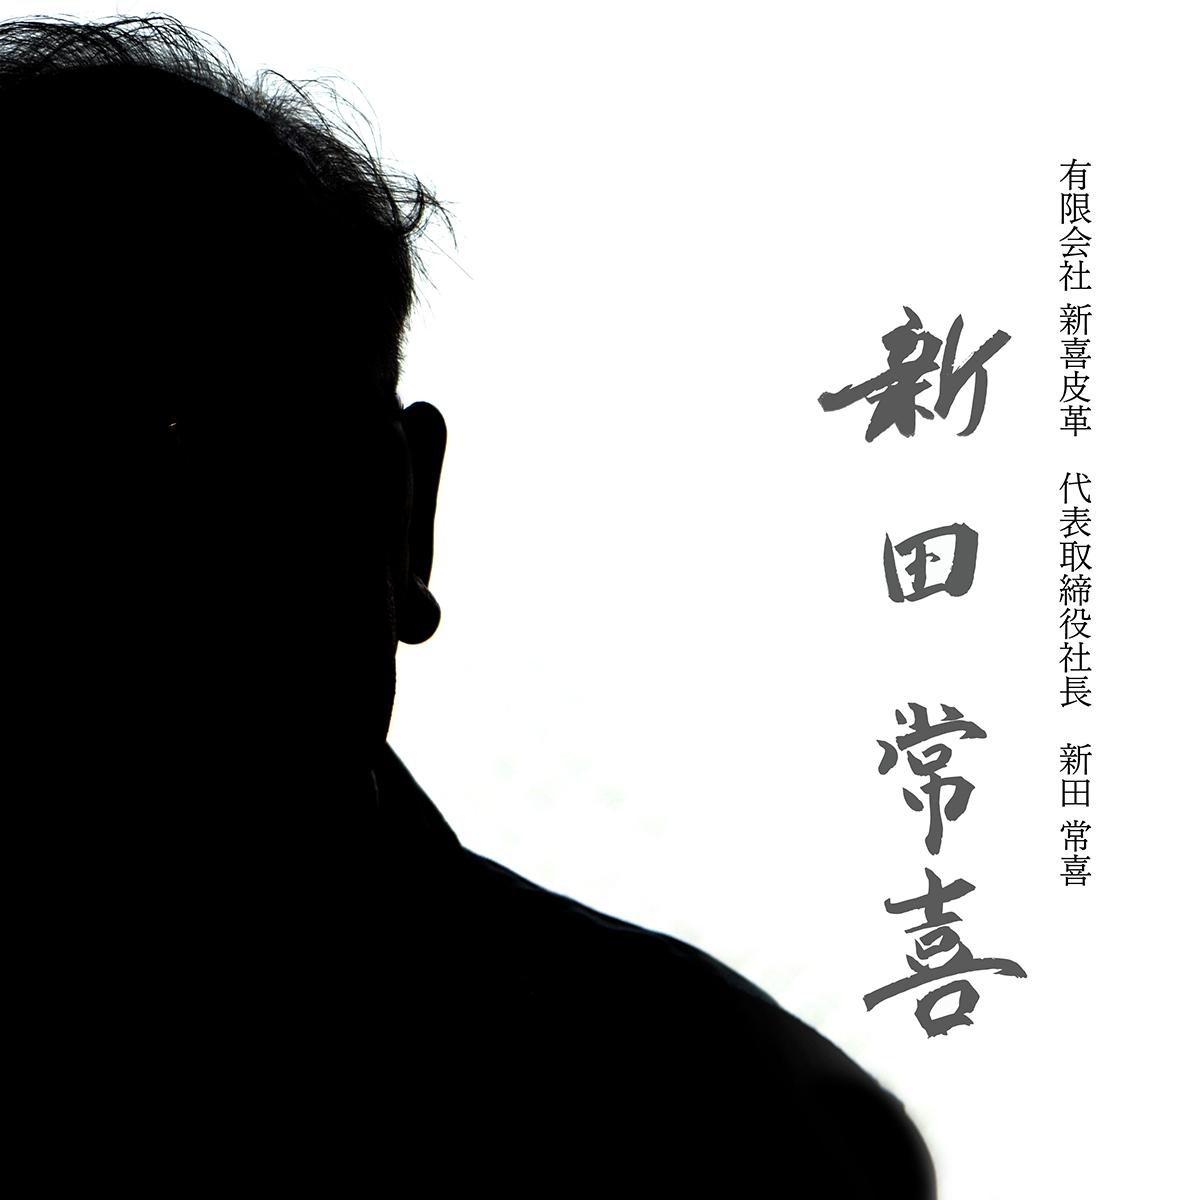 有限会社新喜皮革 代表取締役社長 新田 常喜